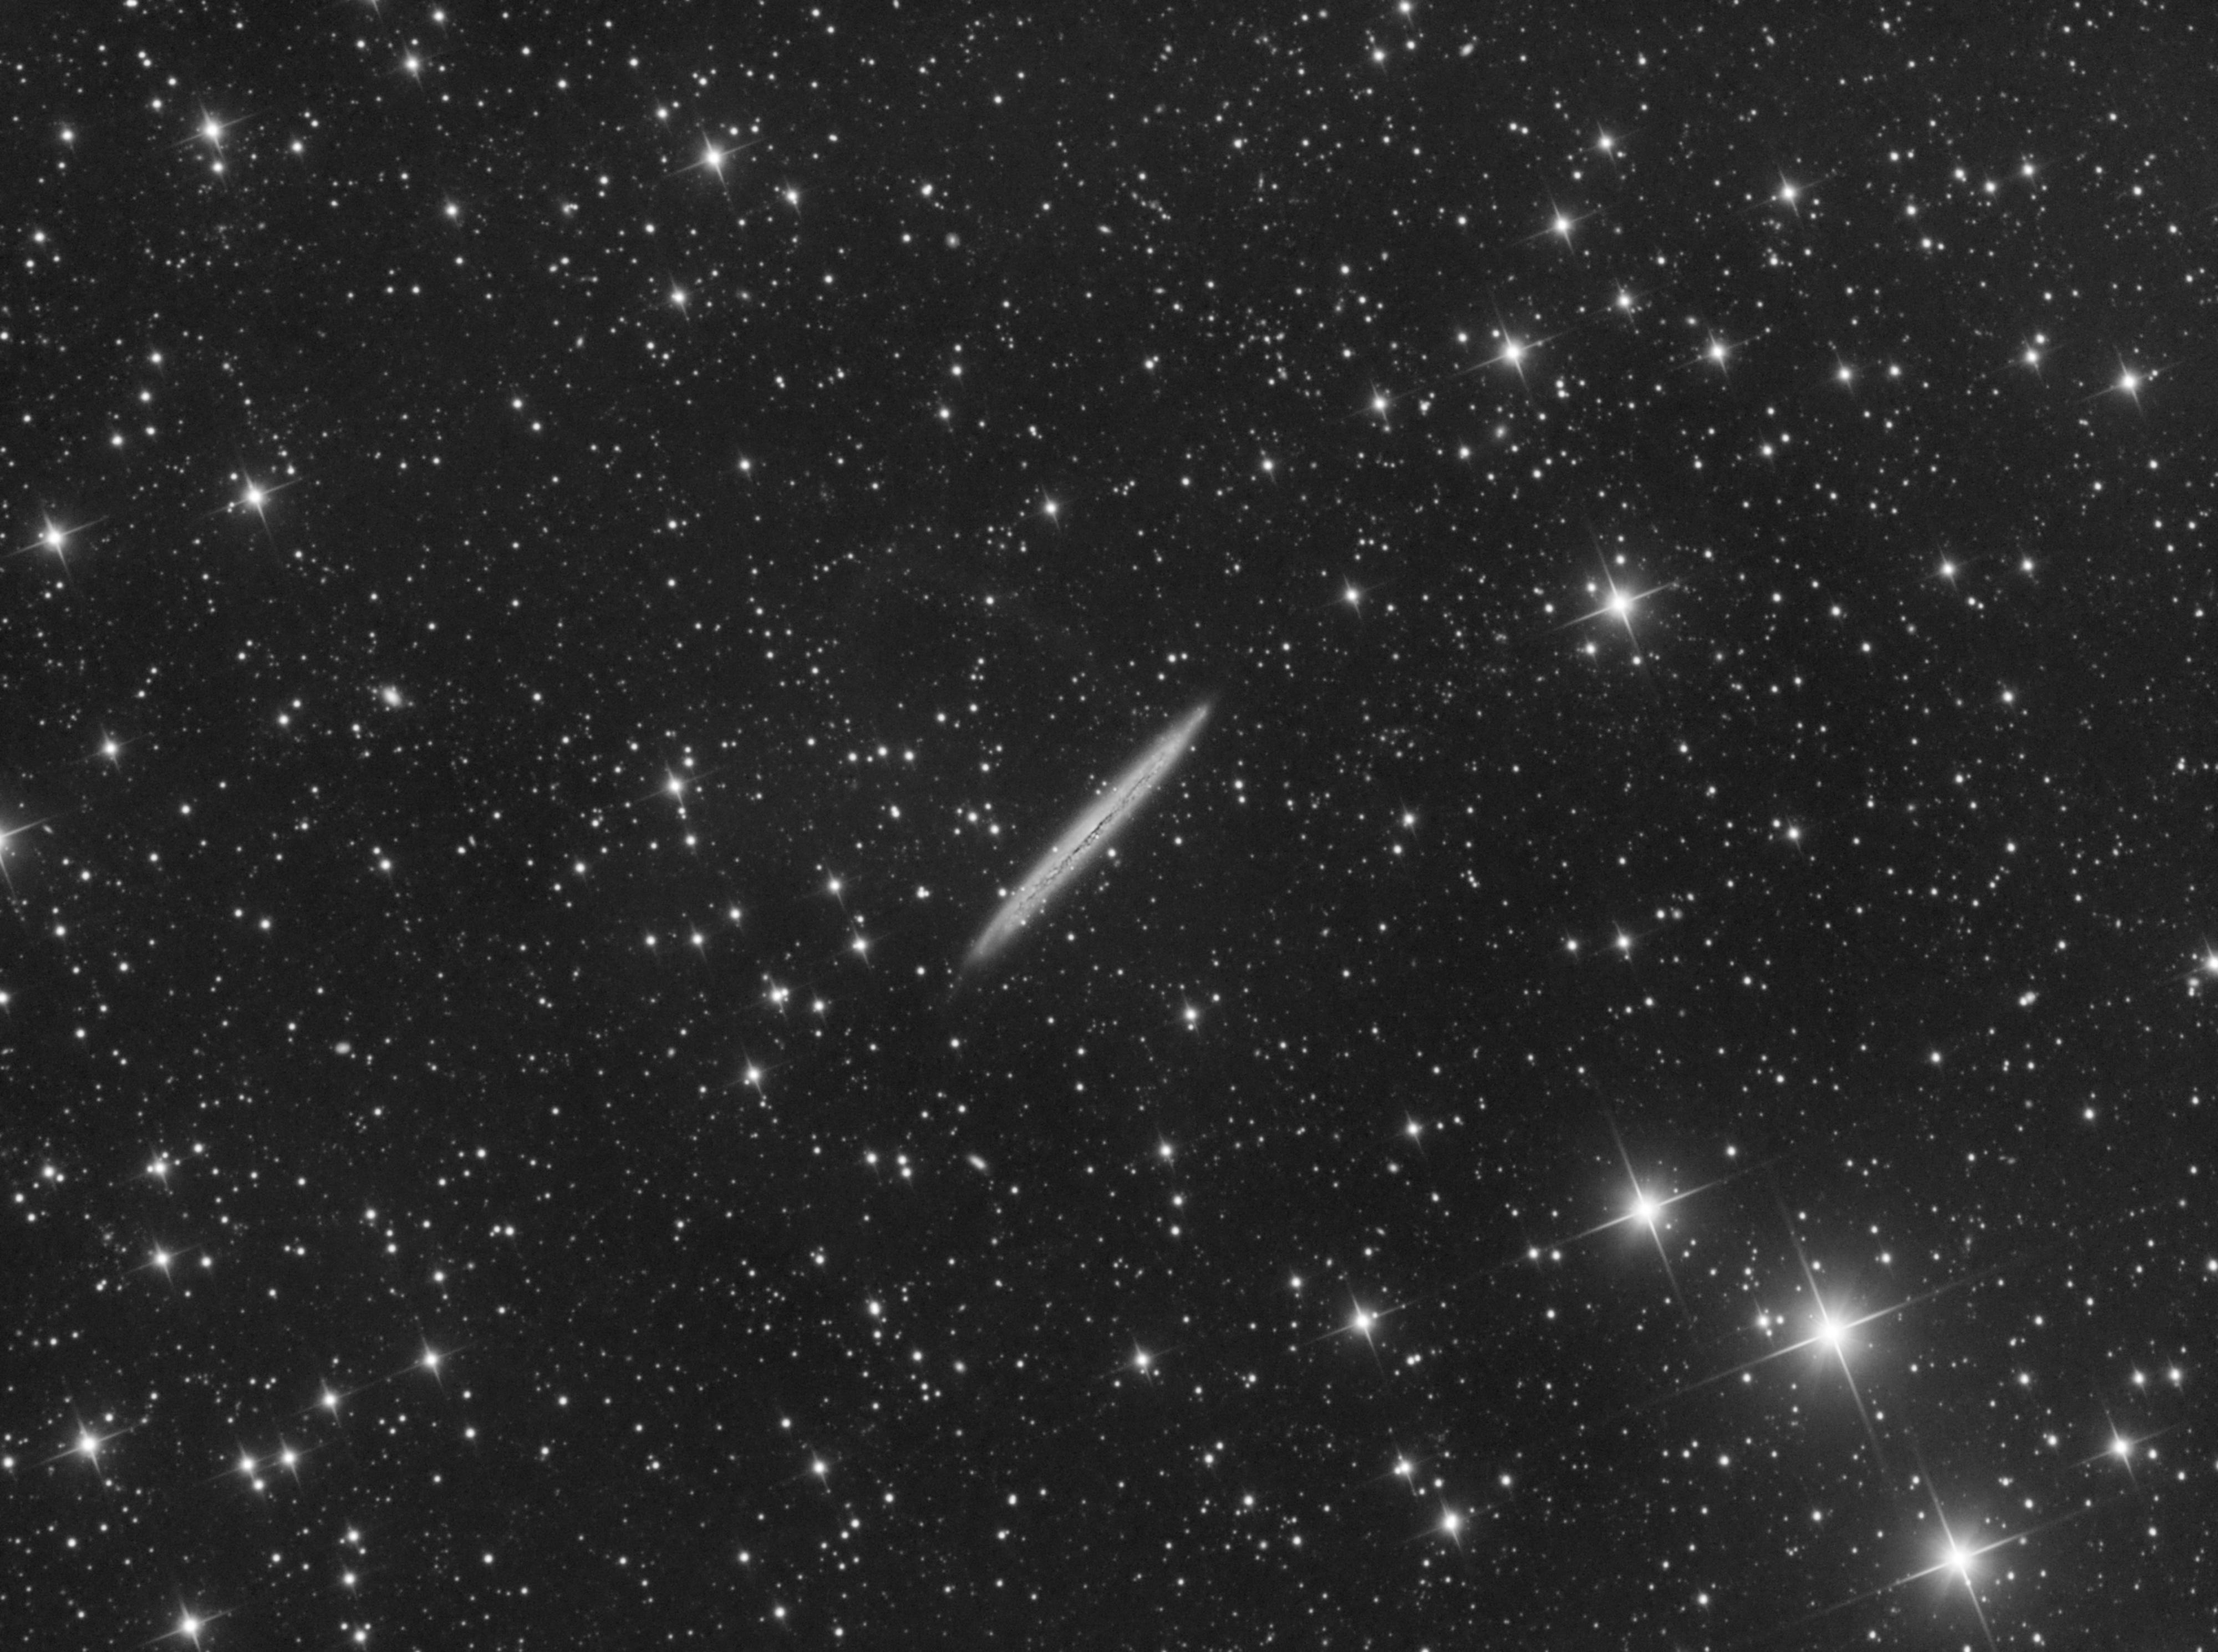 NGC 5907 galaxie de l'Echarde ou du Tranchant.jpg